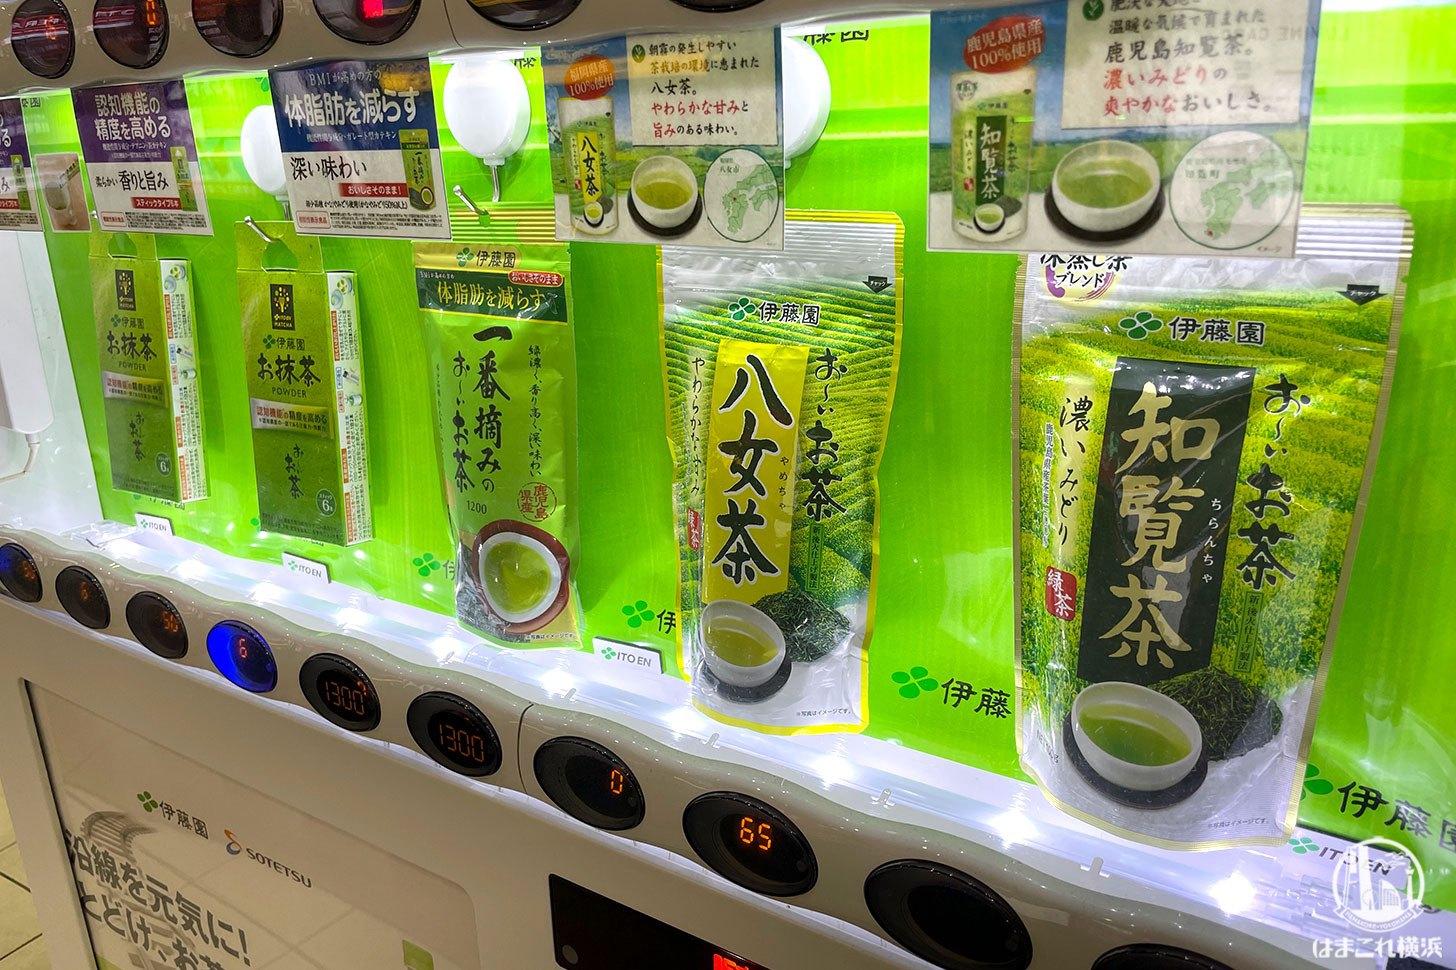 お茶に特化した自販機 茶葉